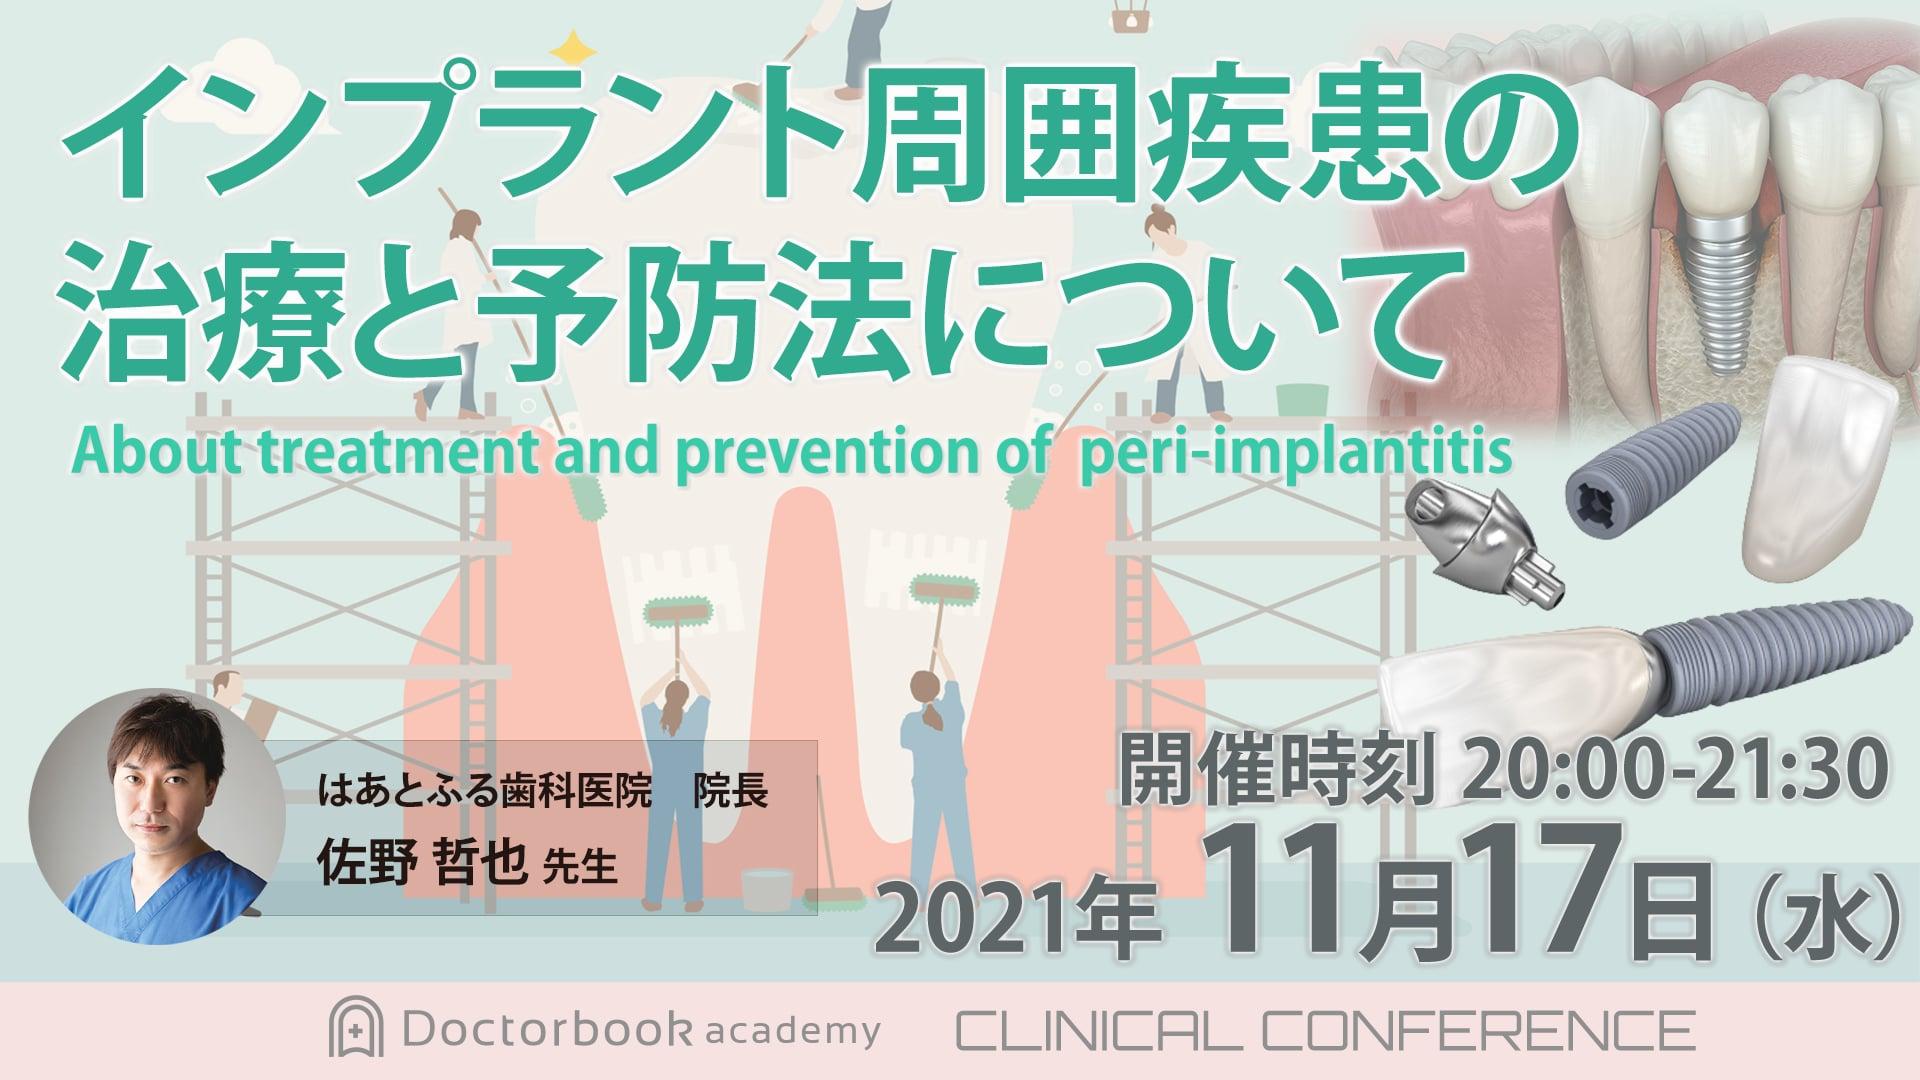 インプラント周囲疾患の治療と予防法について